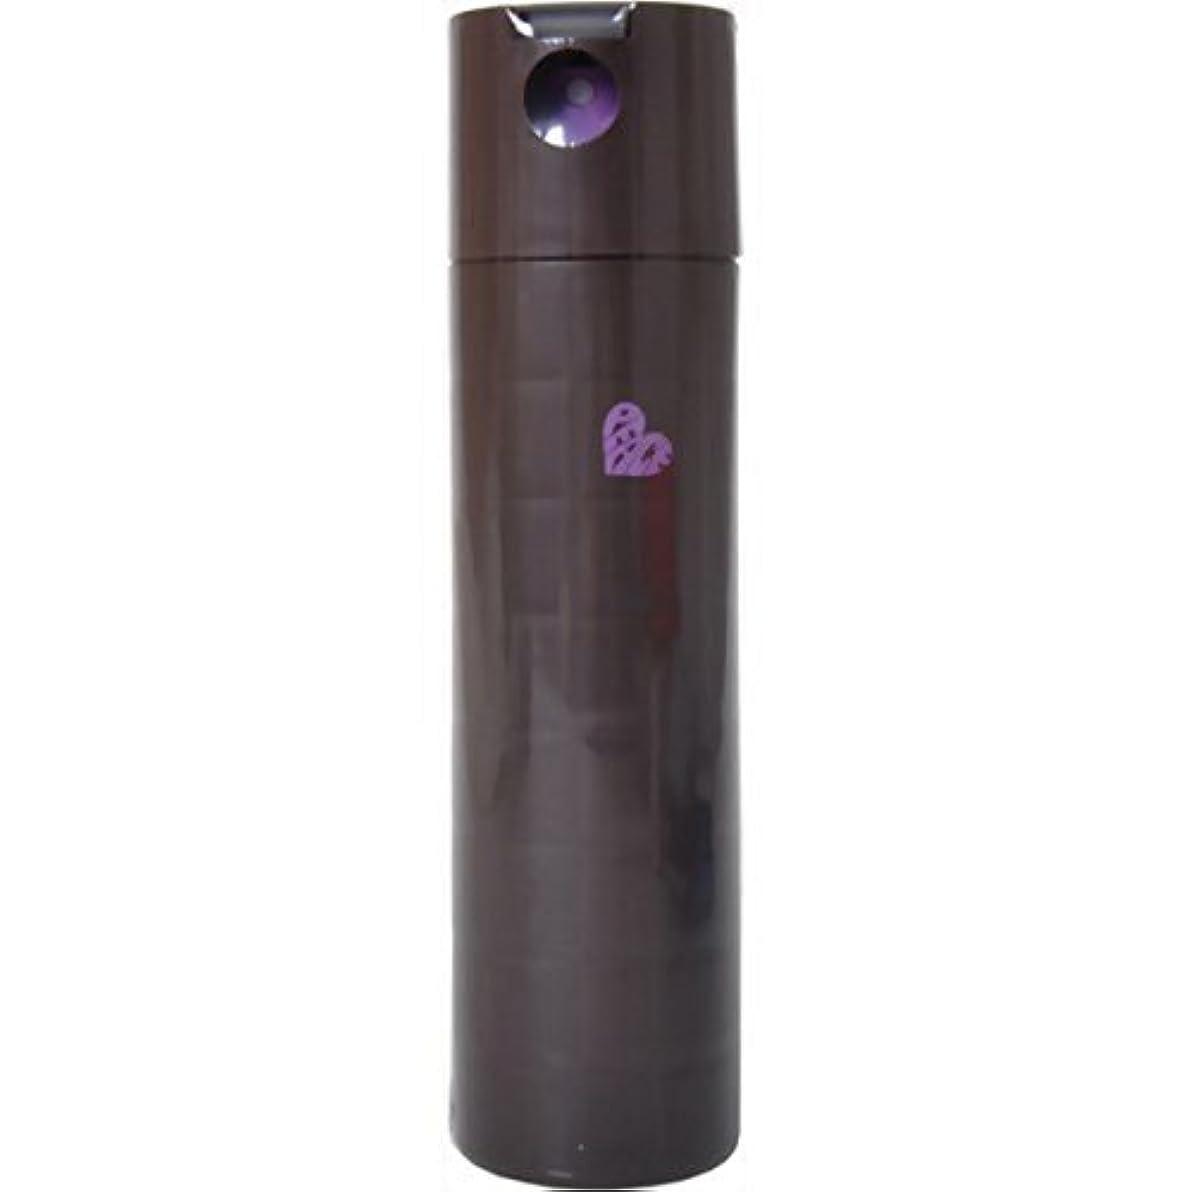 資格ハード独立したアリミノ ピース カールspray チョコ 138g(200ml) スプレーライン ARIMINO PEACE